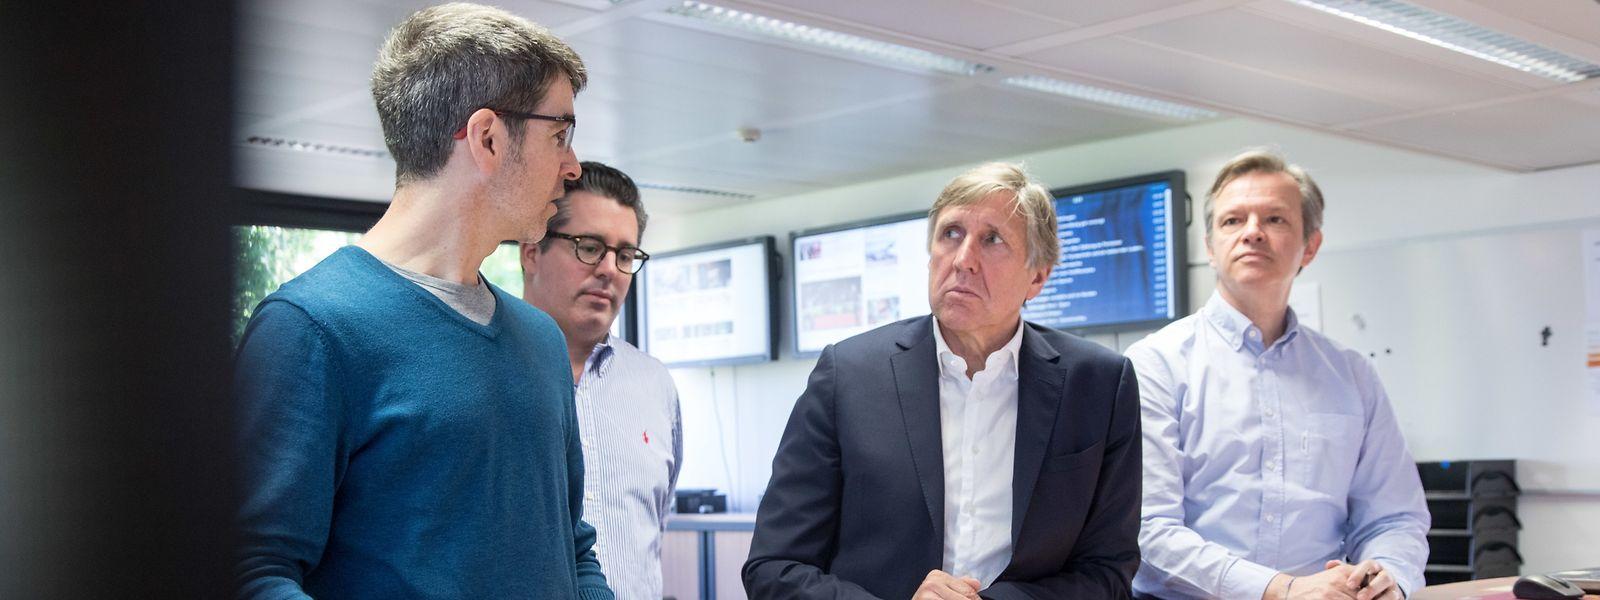 François Bausch im Gespräch mit der Chefredaktion des Luxemburger Wort.